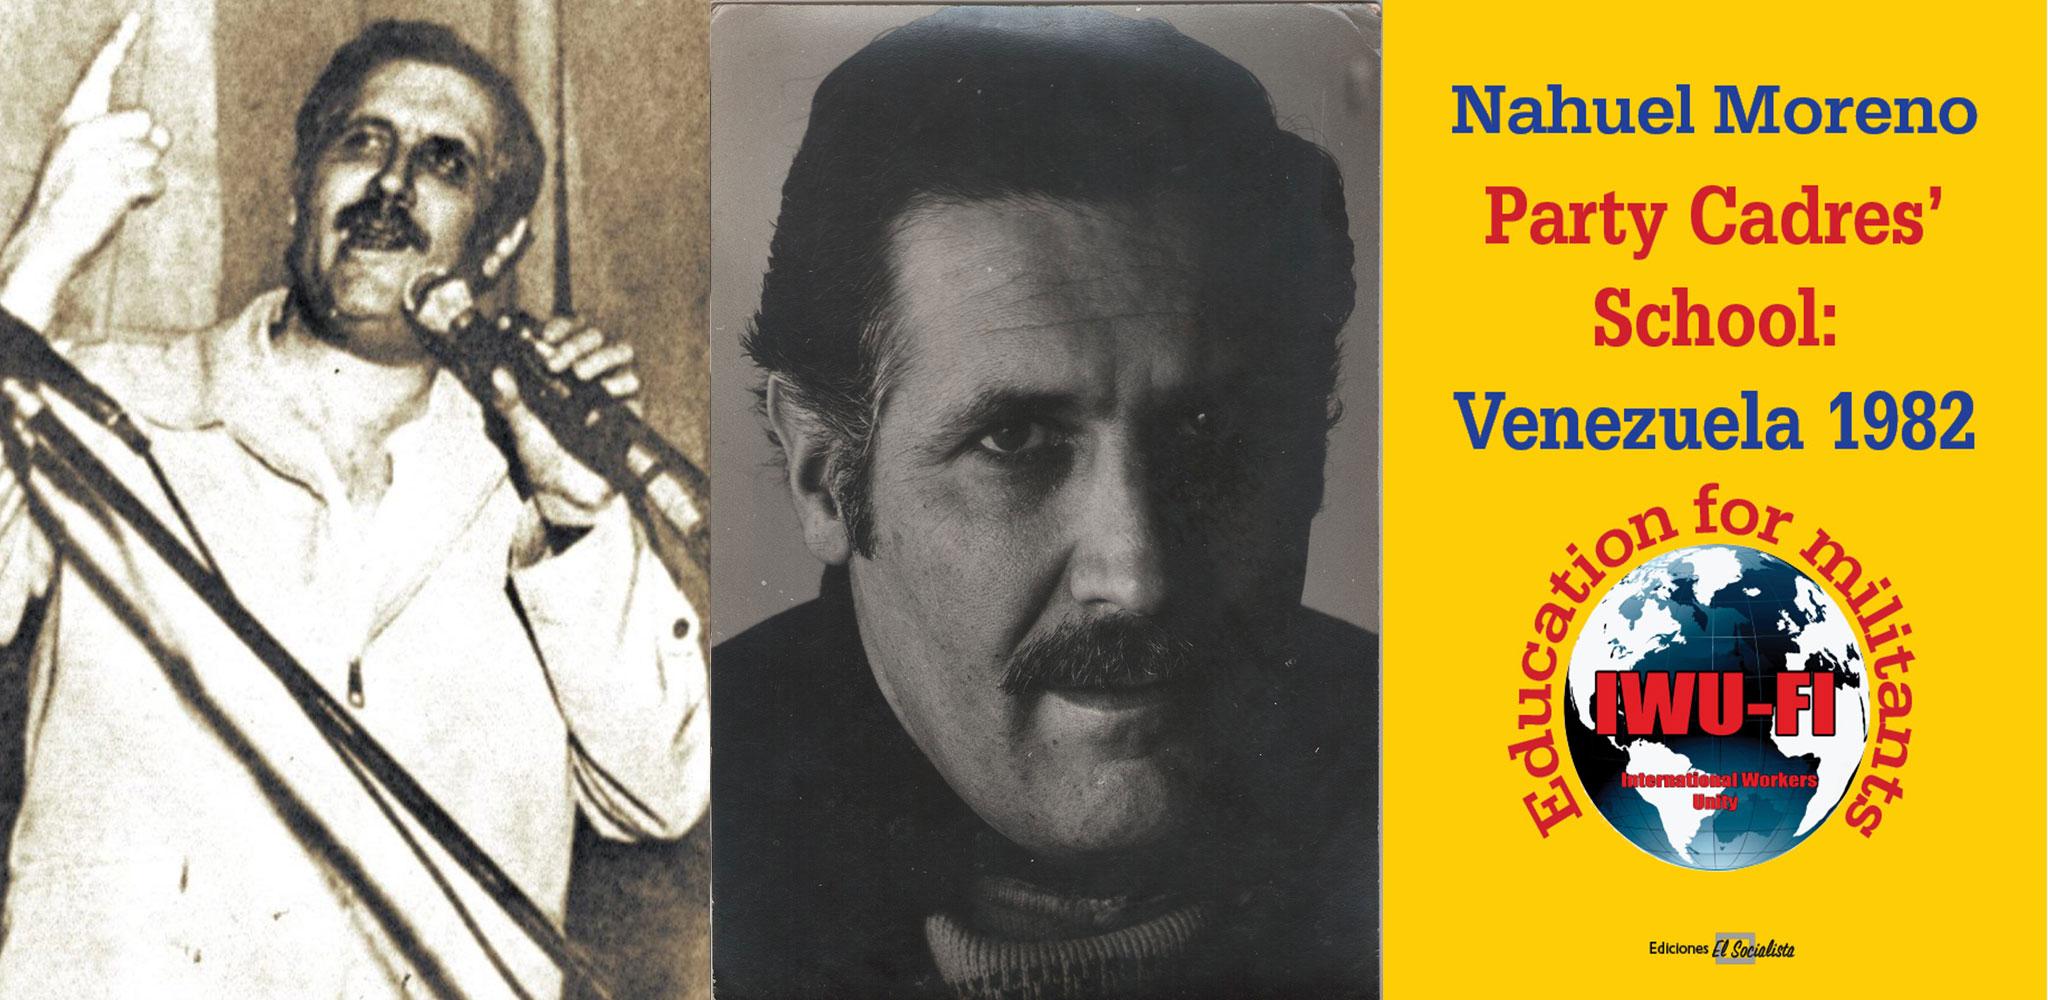 PARTY CADRES' SCHOOL: VENEZUELA (1982)